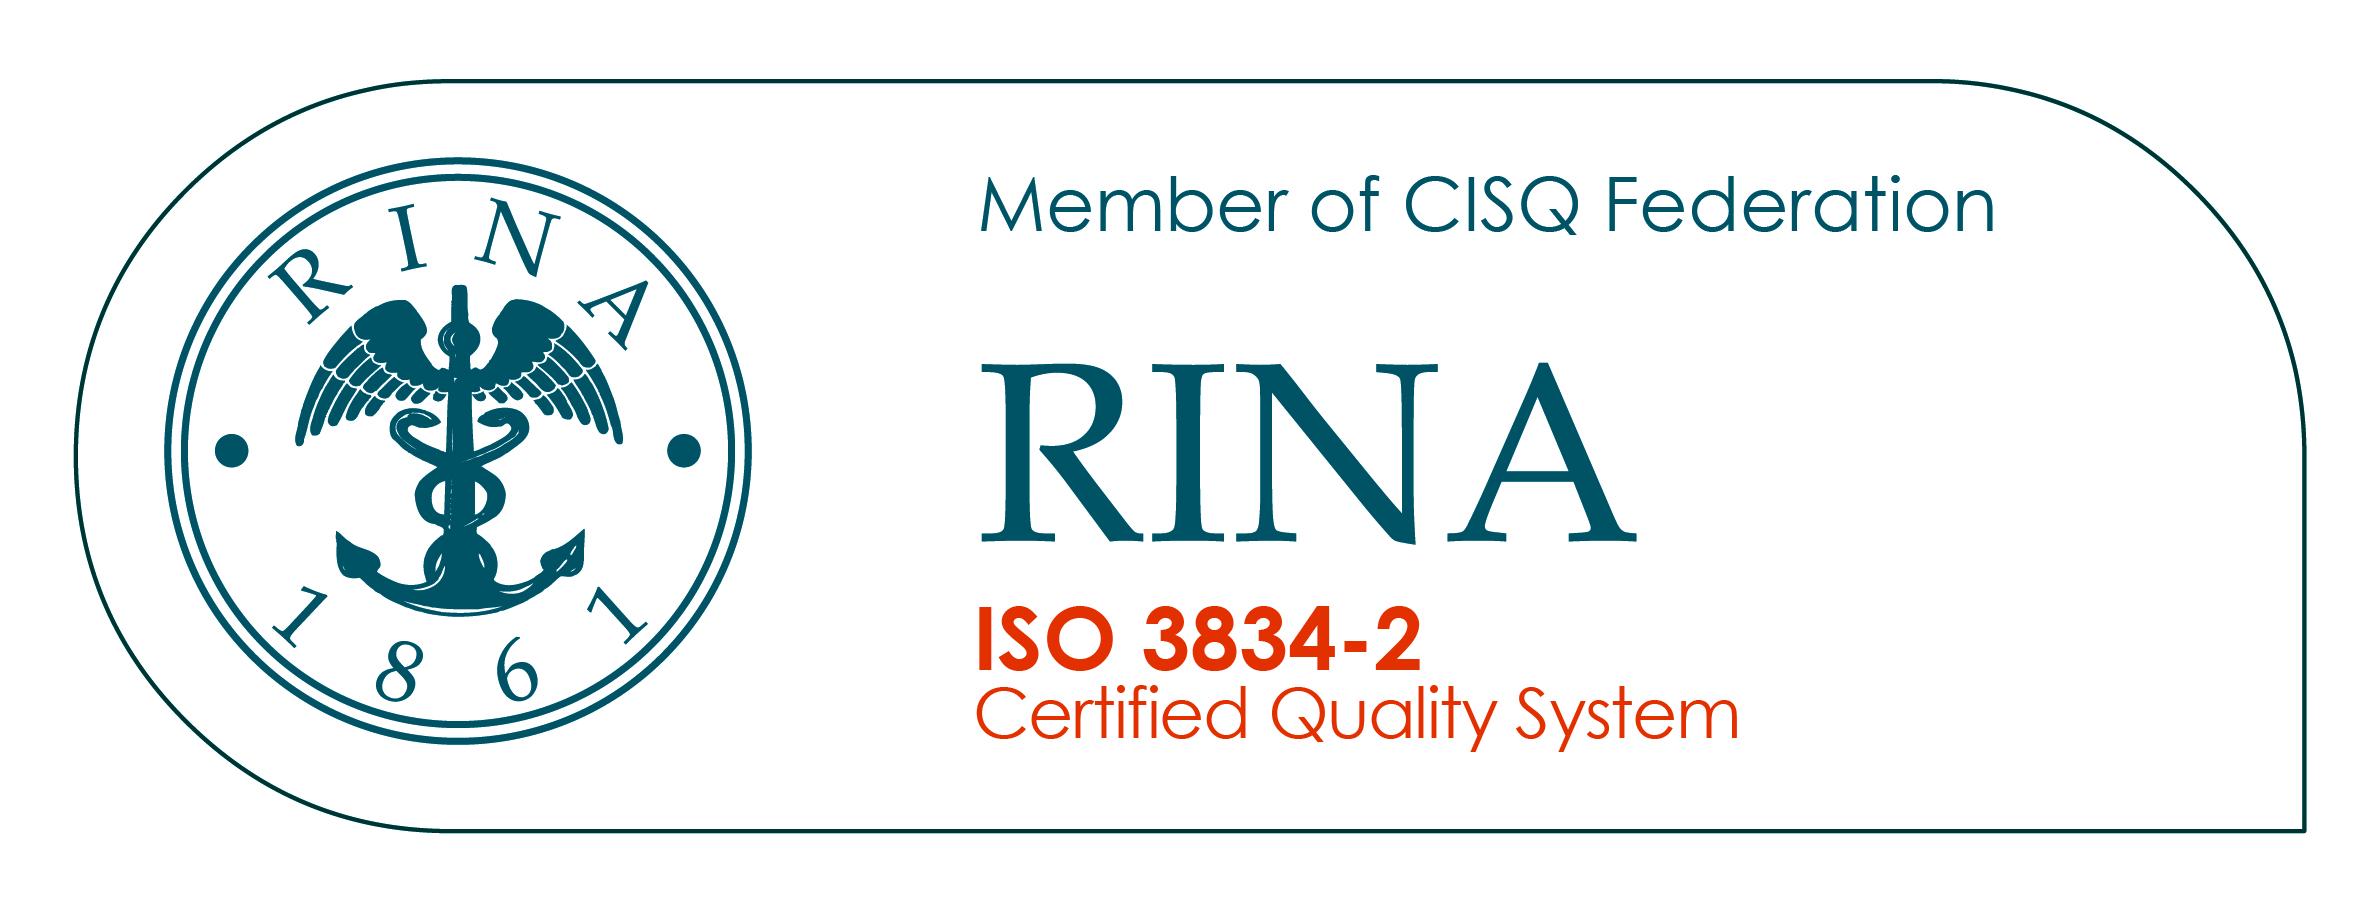 Rina 3834